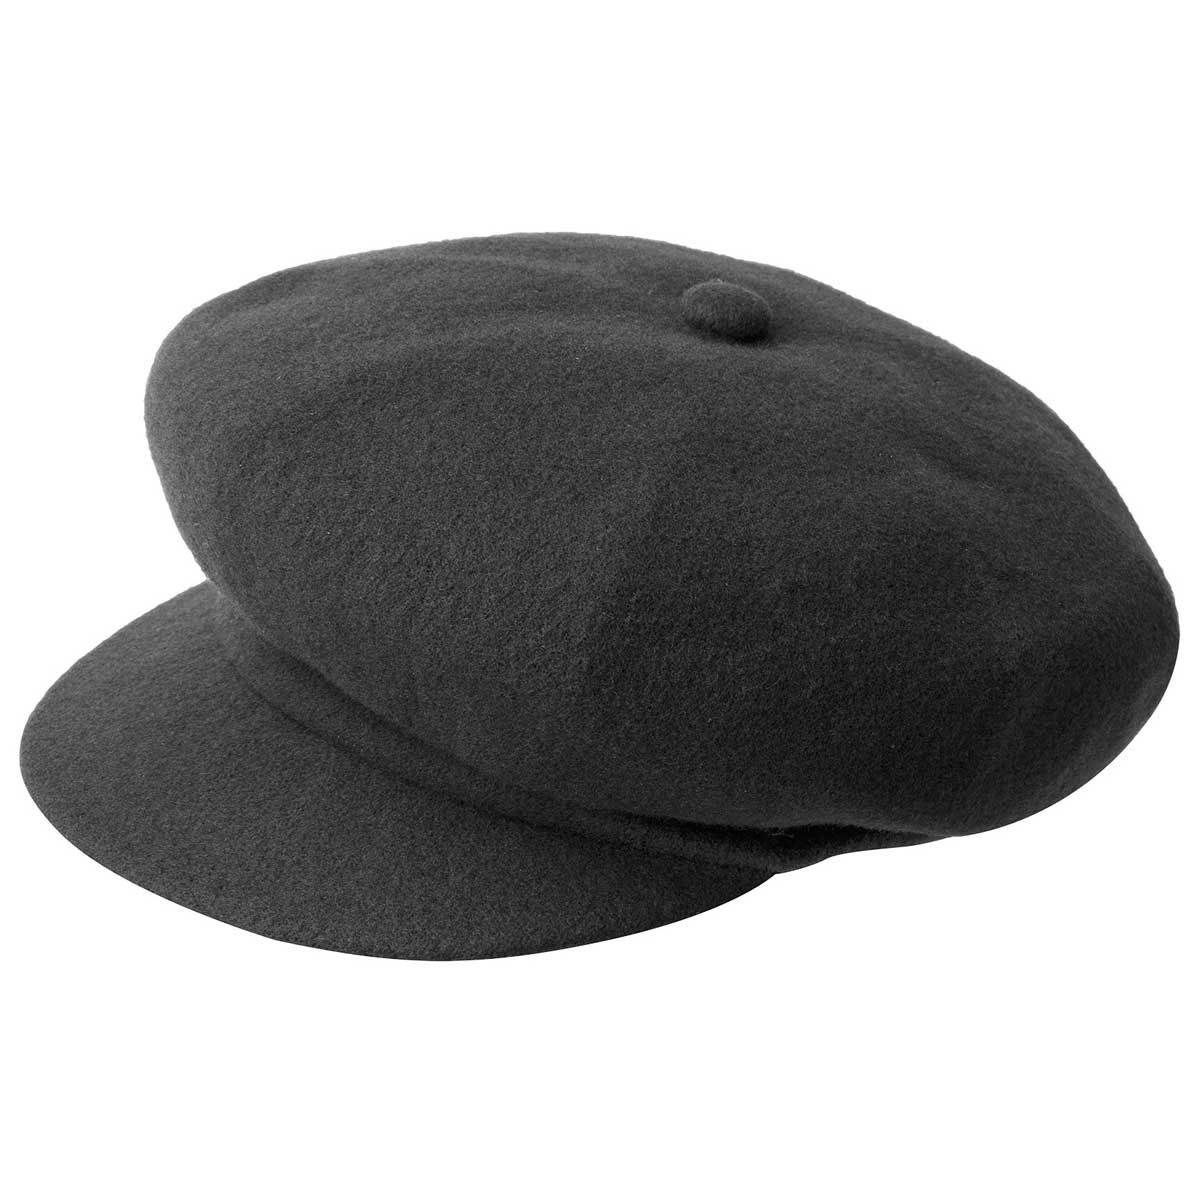 Men's Vintage Style Hats, Retro Hats Wool Spitfire $59.95 AT vintagedancer.com